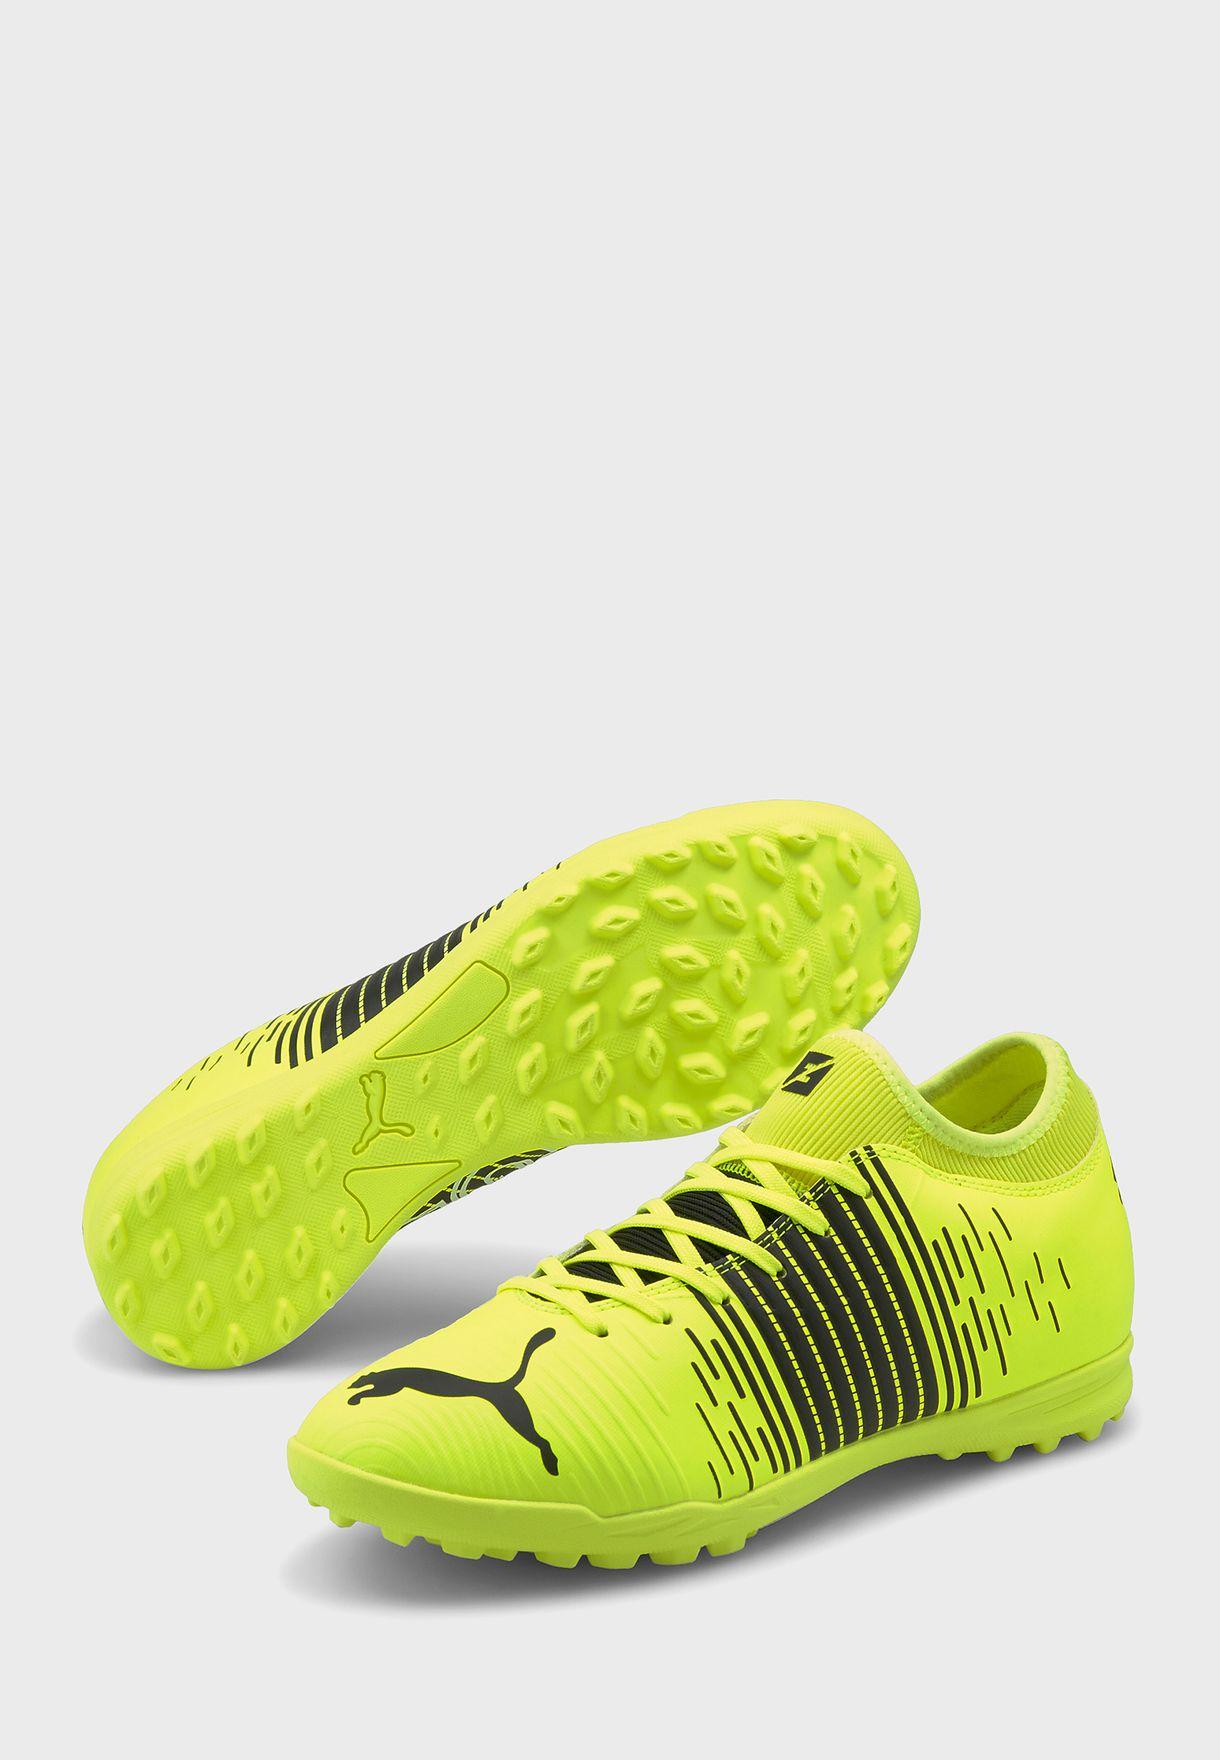 حذاء فيوتشر زد 4.1 تي تي